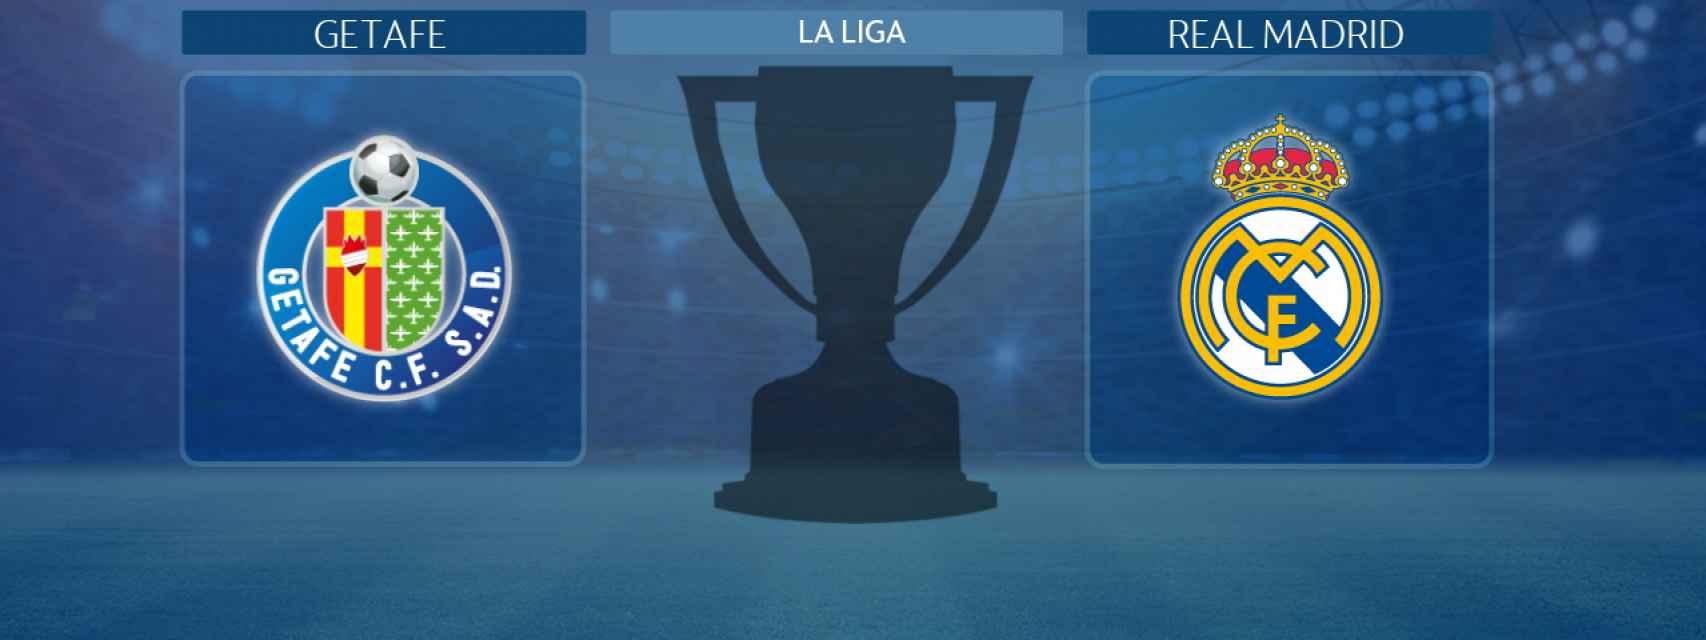 Getafe - Real Madrid, partido de La Liga